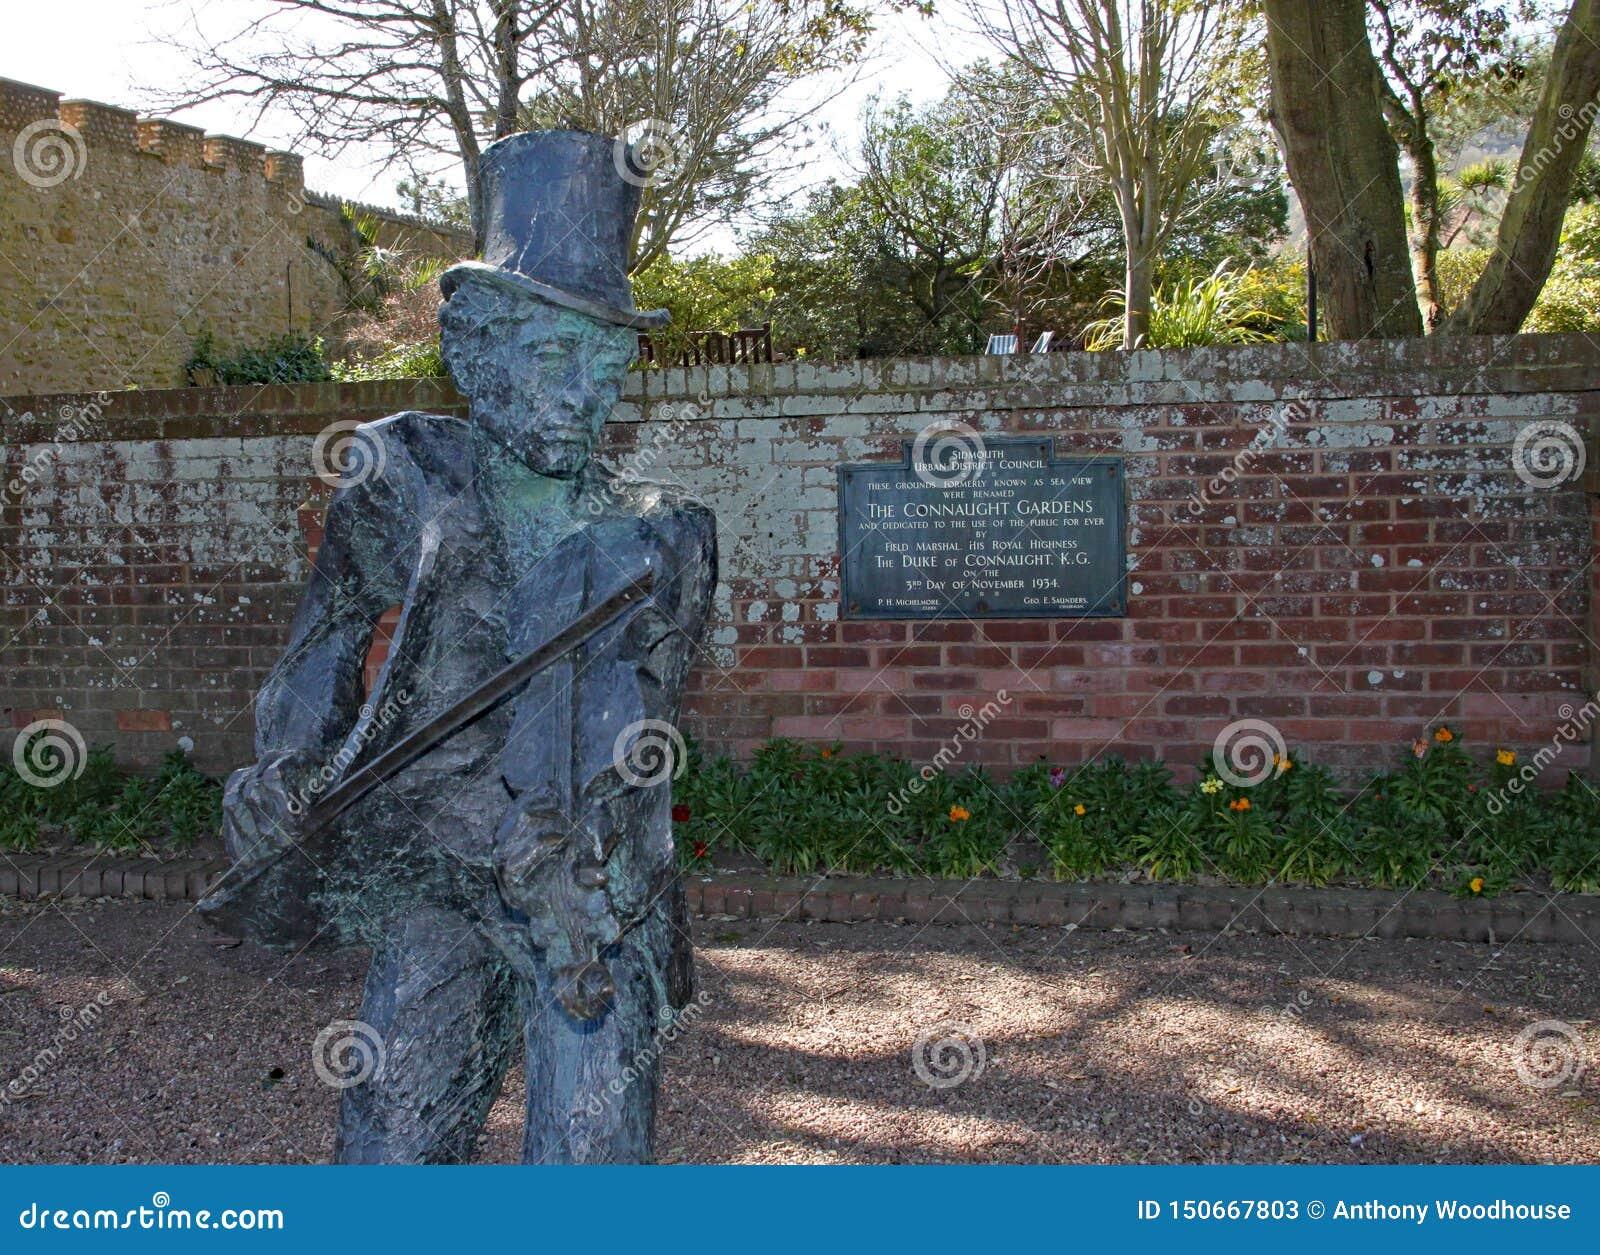 SIDMOUTH, DEVON - 1ER AVRIL 2012 : La statue du violoneur de Sidmouth se tient dans des jardins de Connaught et commémore 50 ans